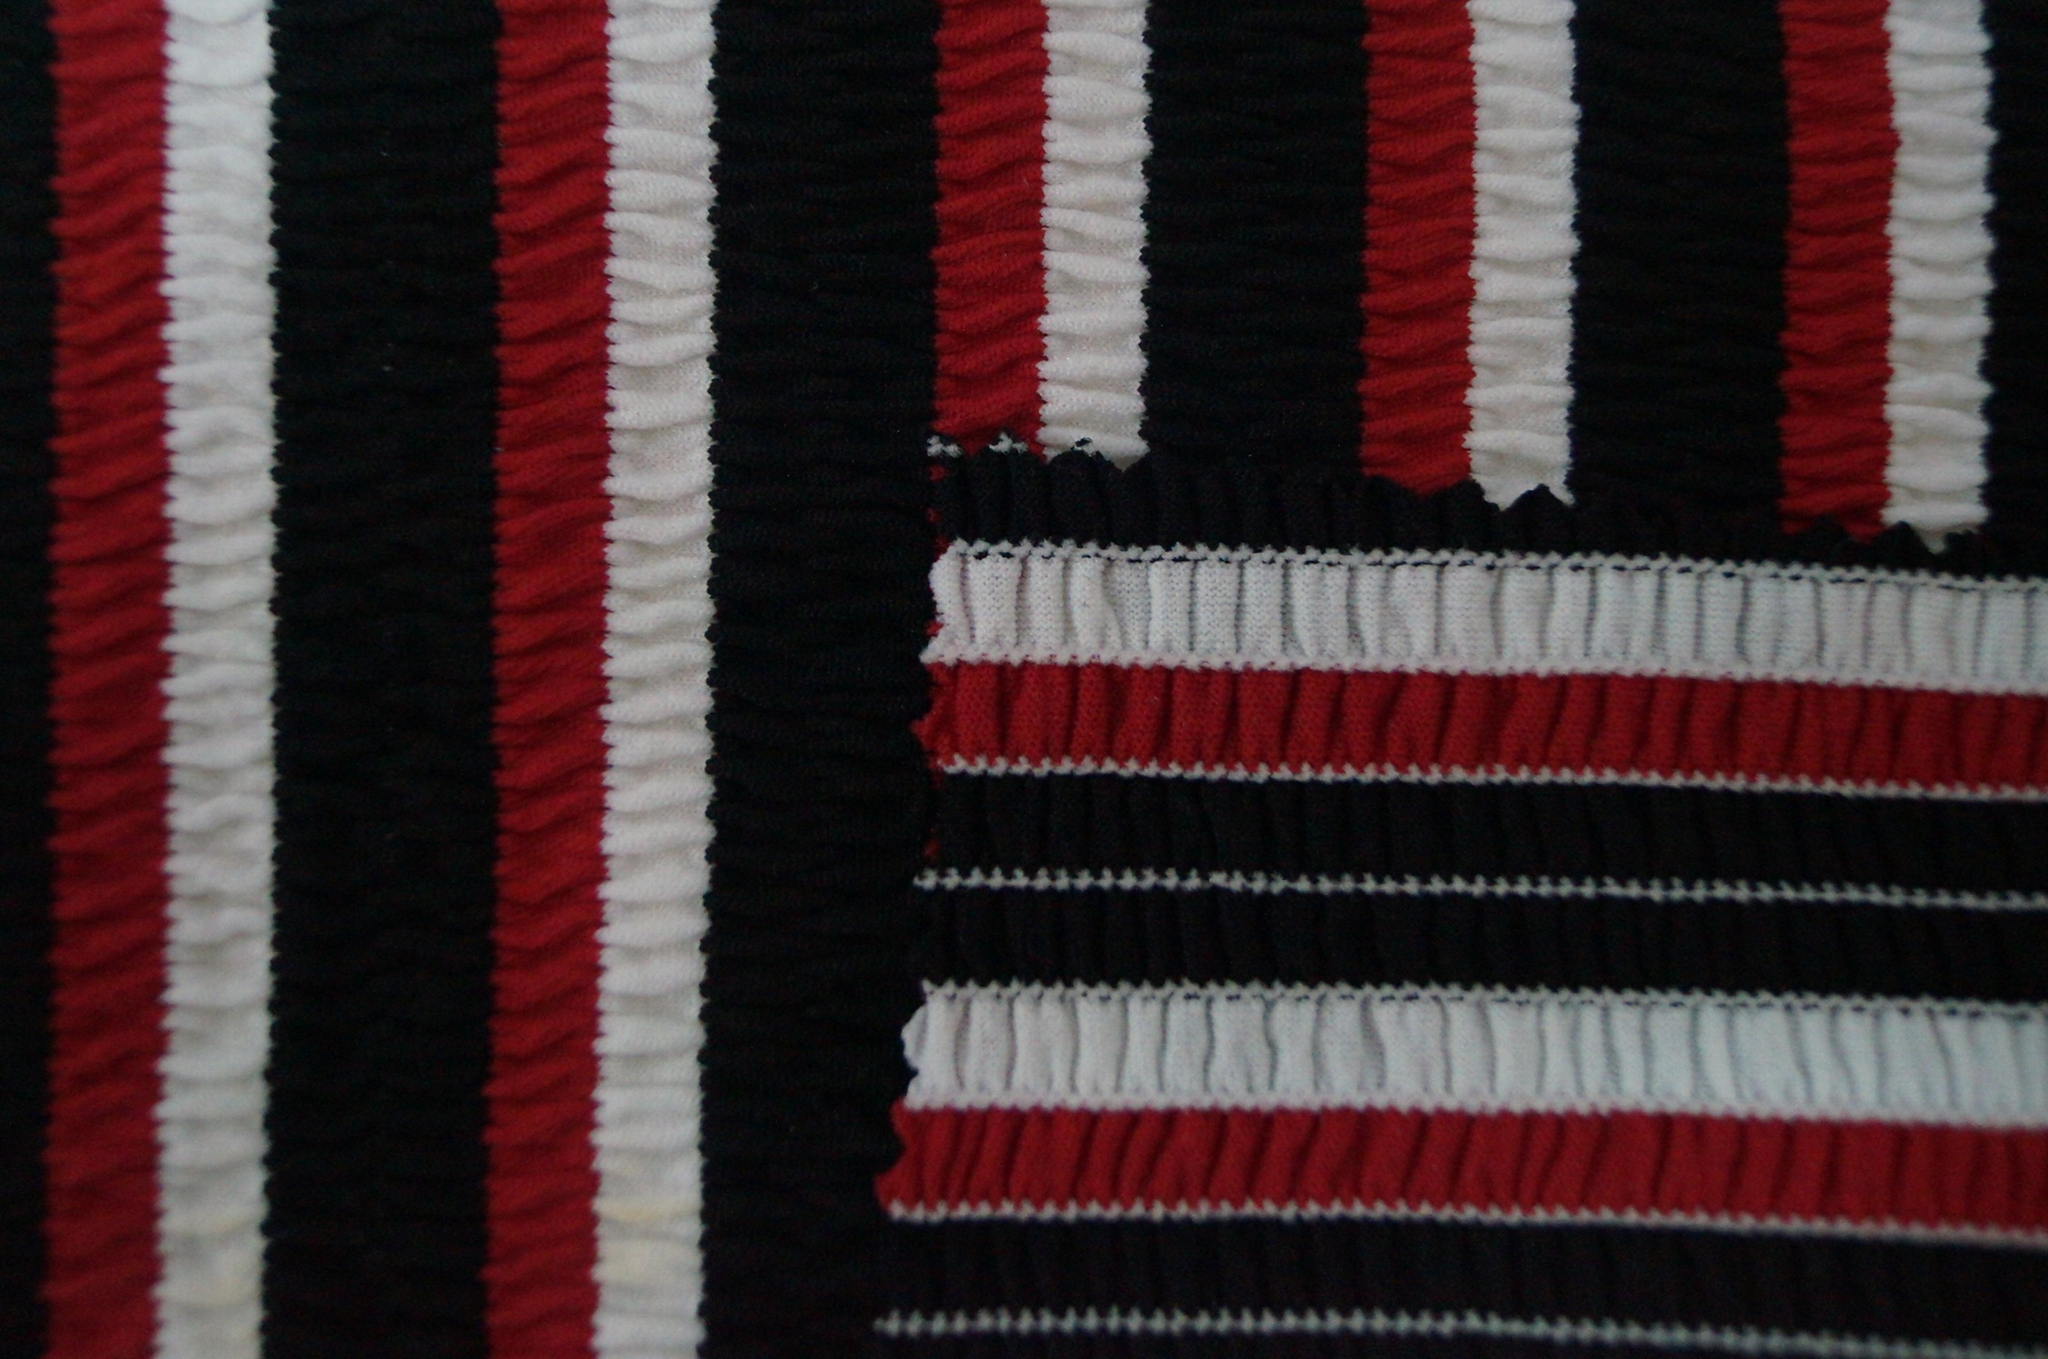 锦纶涤纶氨纶拉架条子条纹皱布泡泡布色织针织面料 3